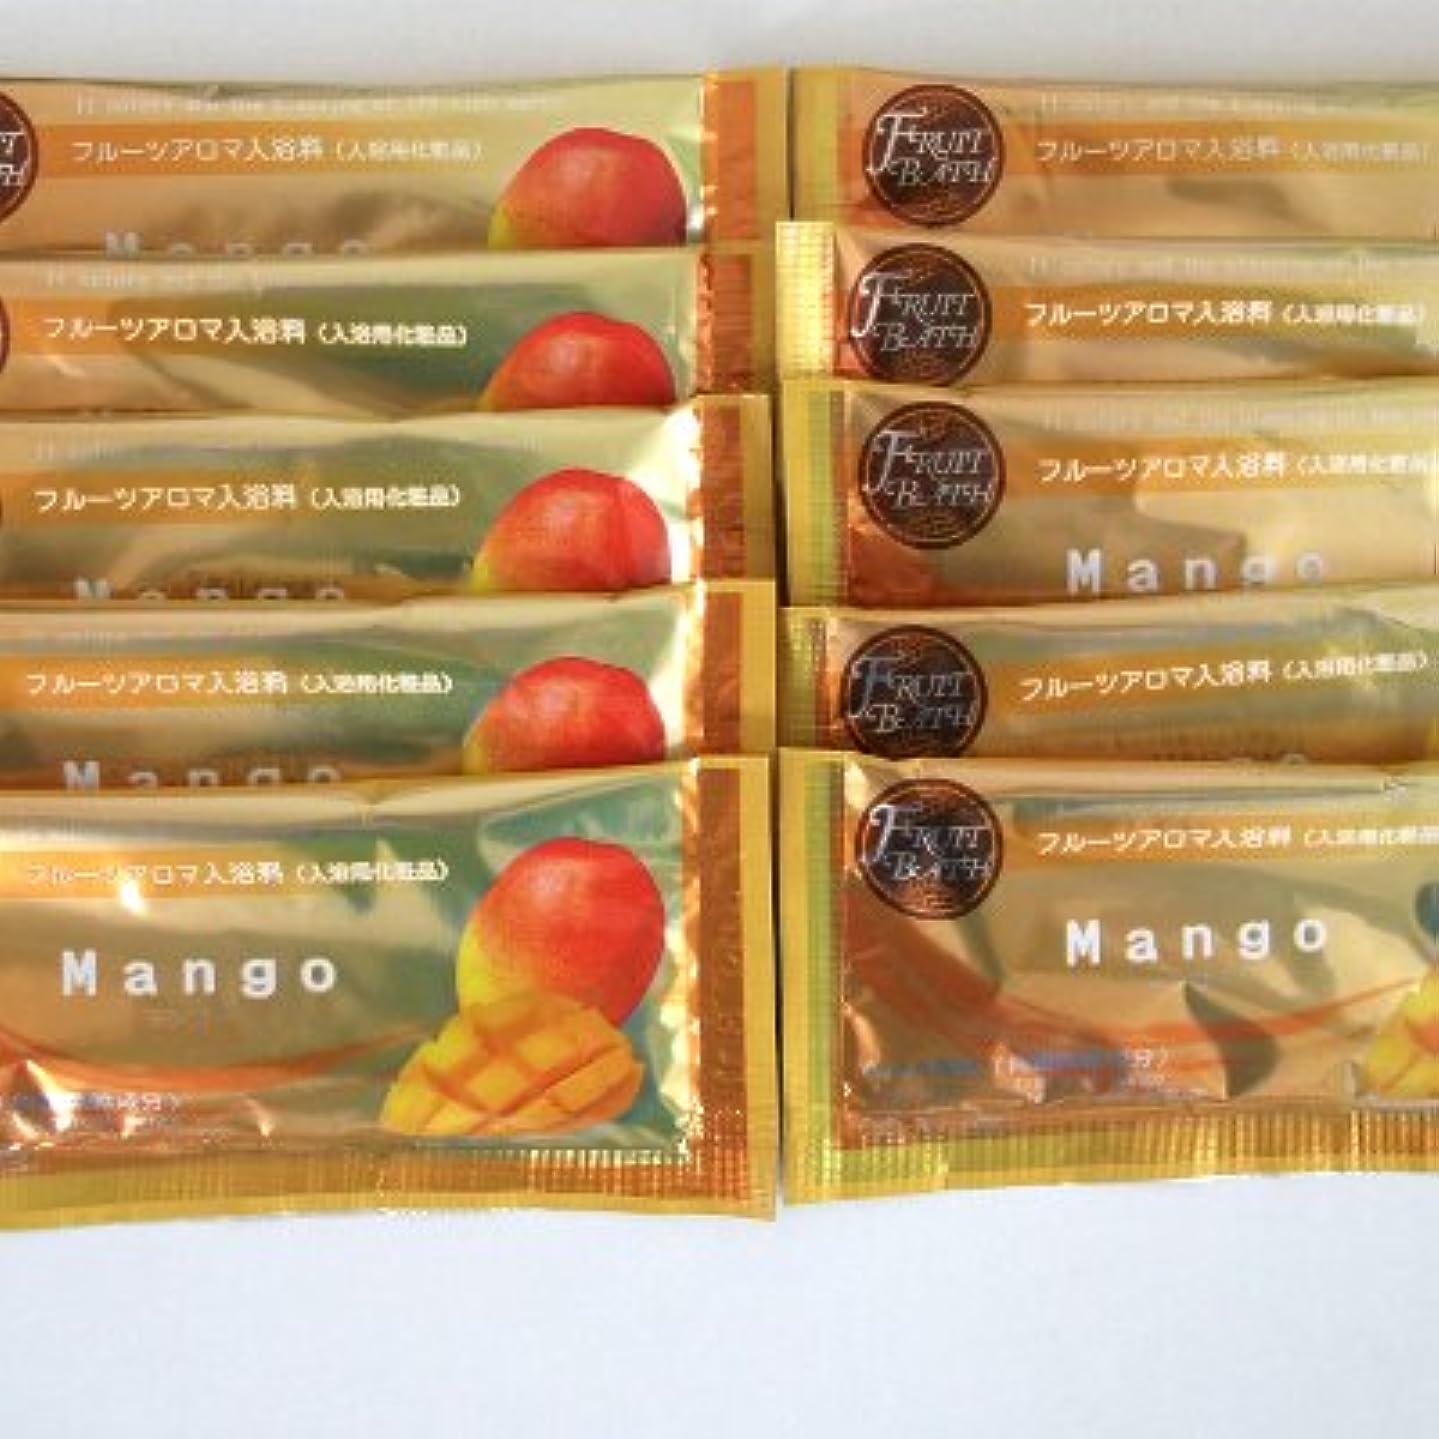 船酔いトランクライブラリ検査官フルーツアロマ入浴剤 マンゴーの香り 10包セット